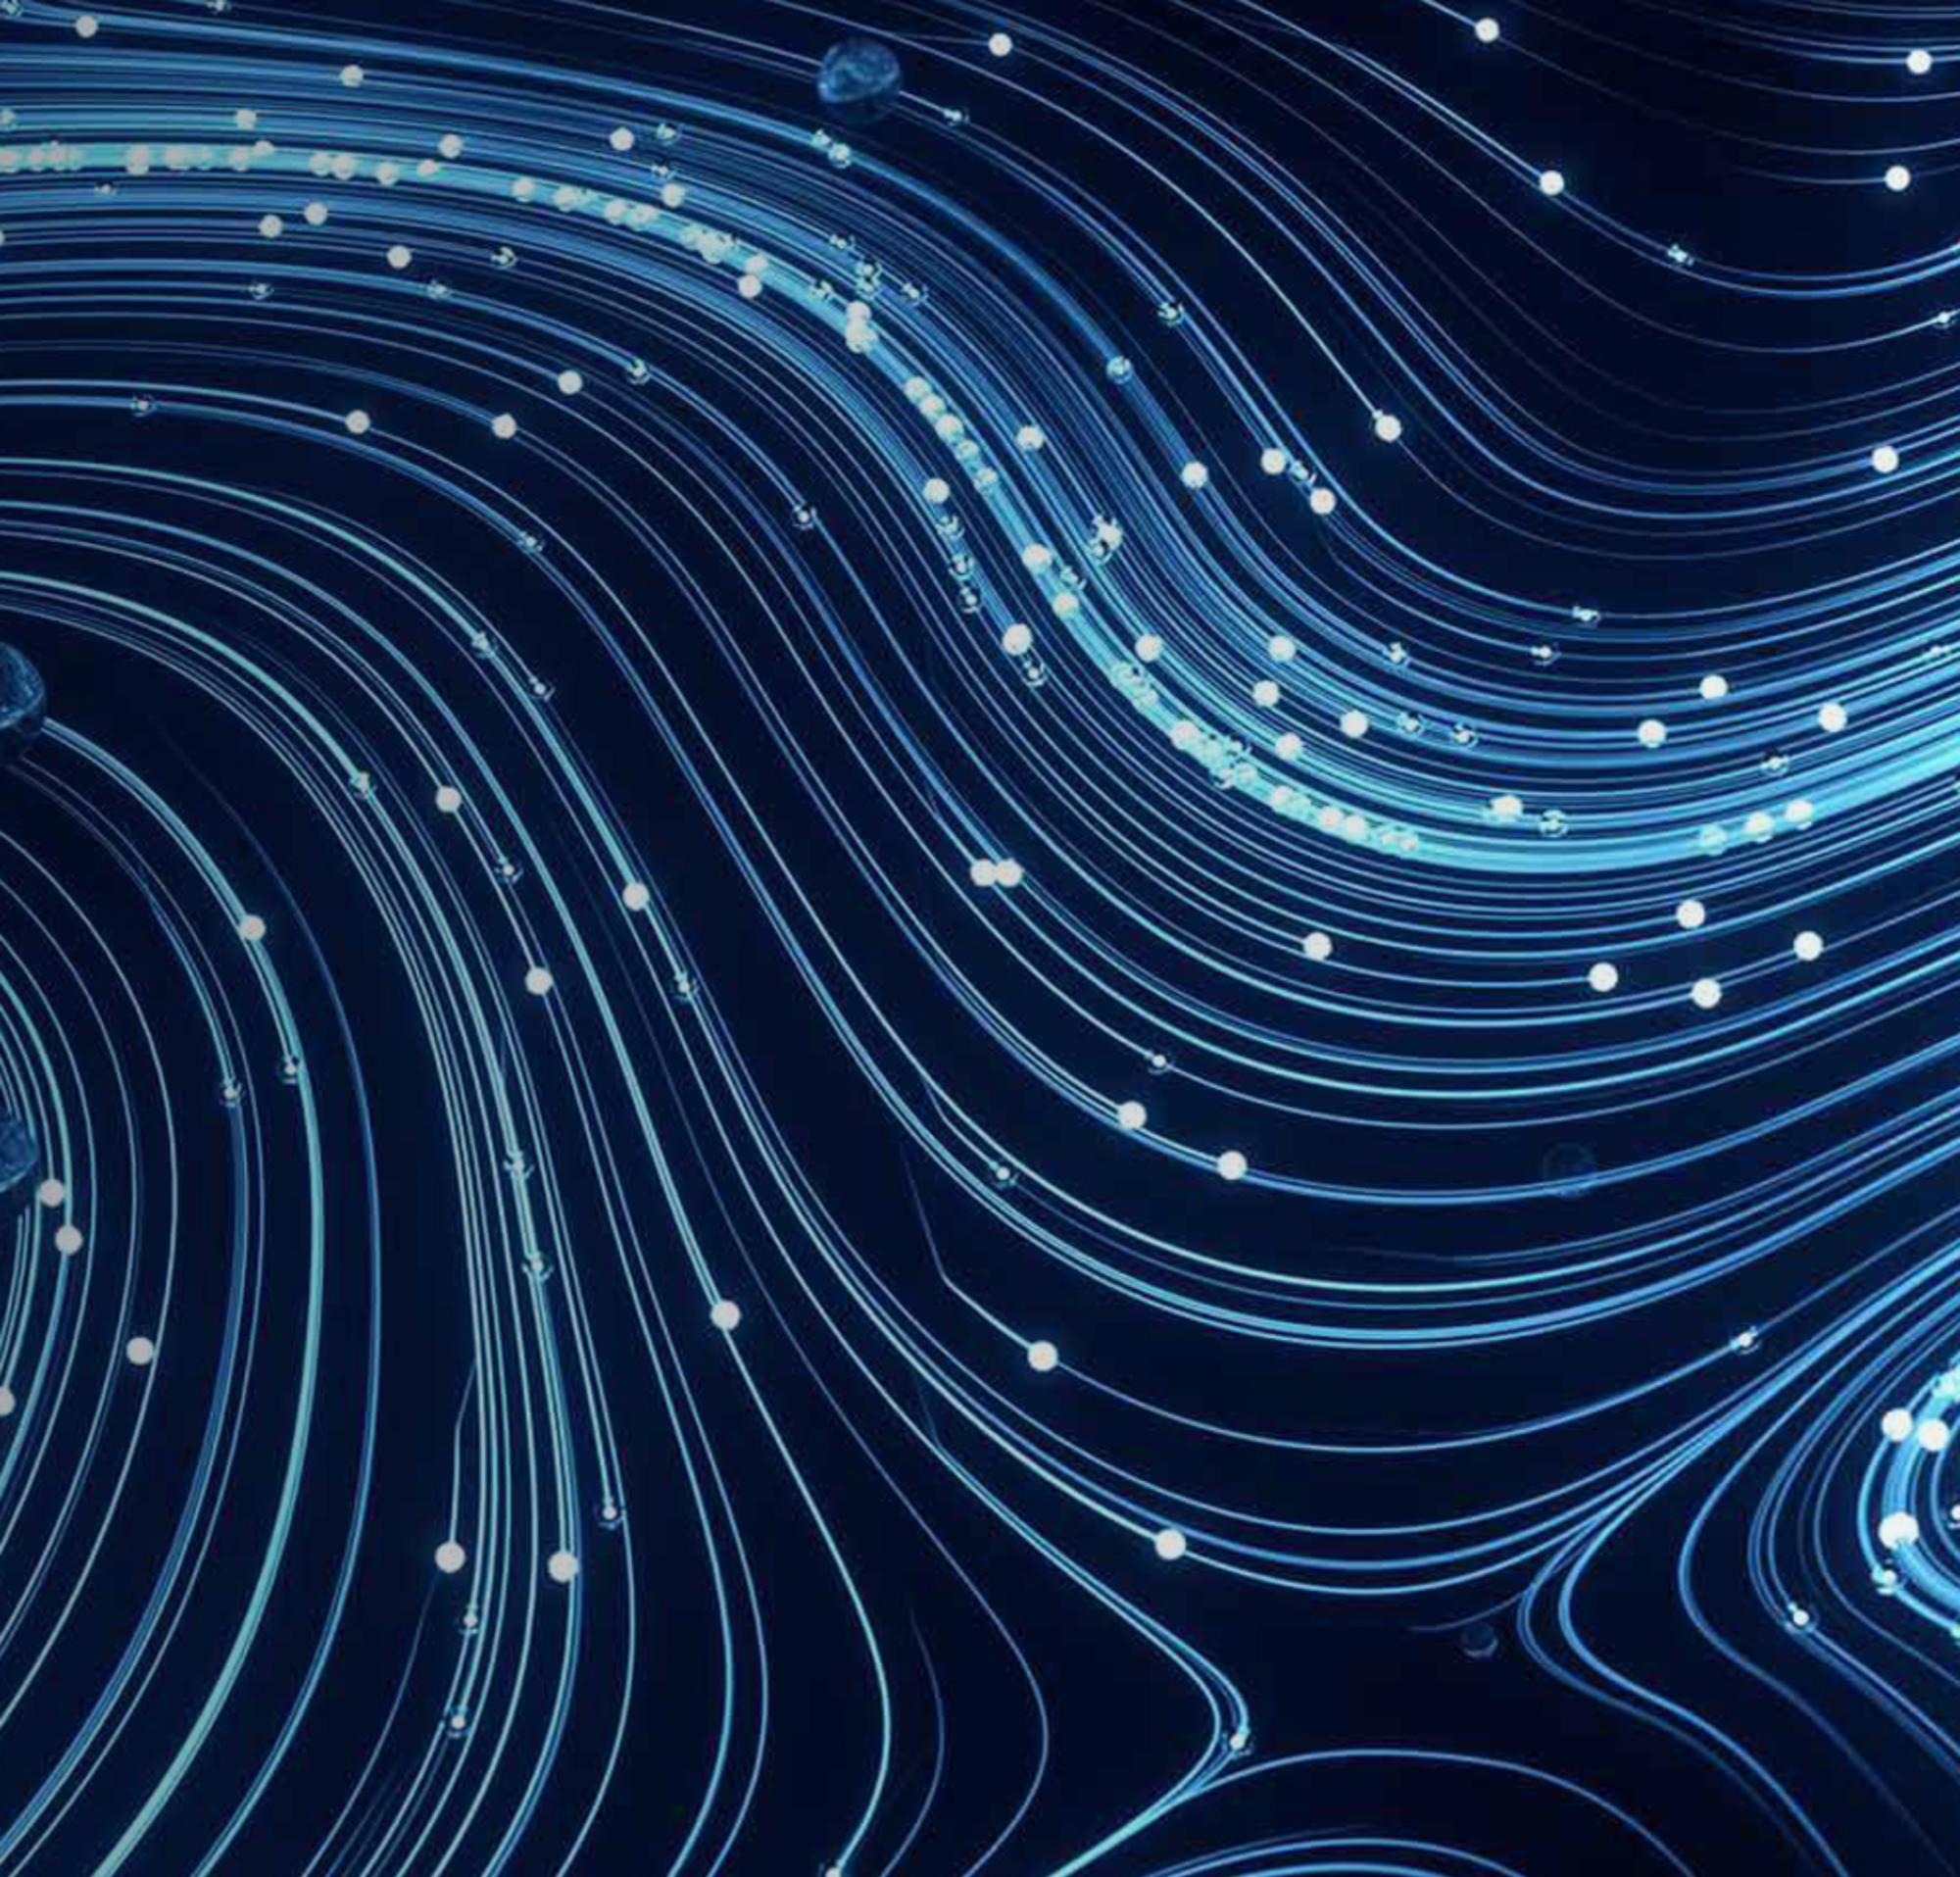 Ein abstraktes Bild von Linien, die ineinander fließen und die Unternehmenssicherheit darstellen sollen.